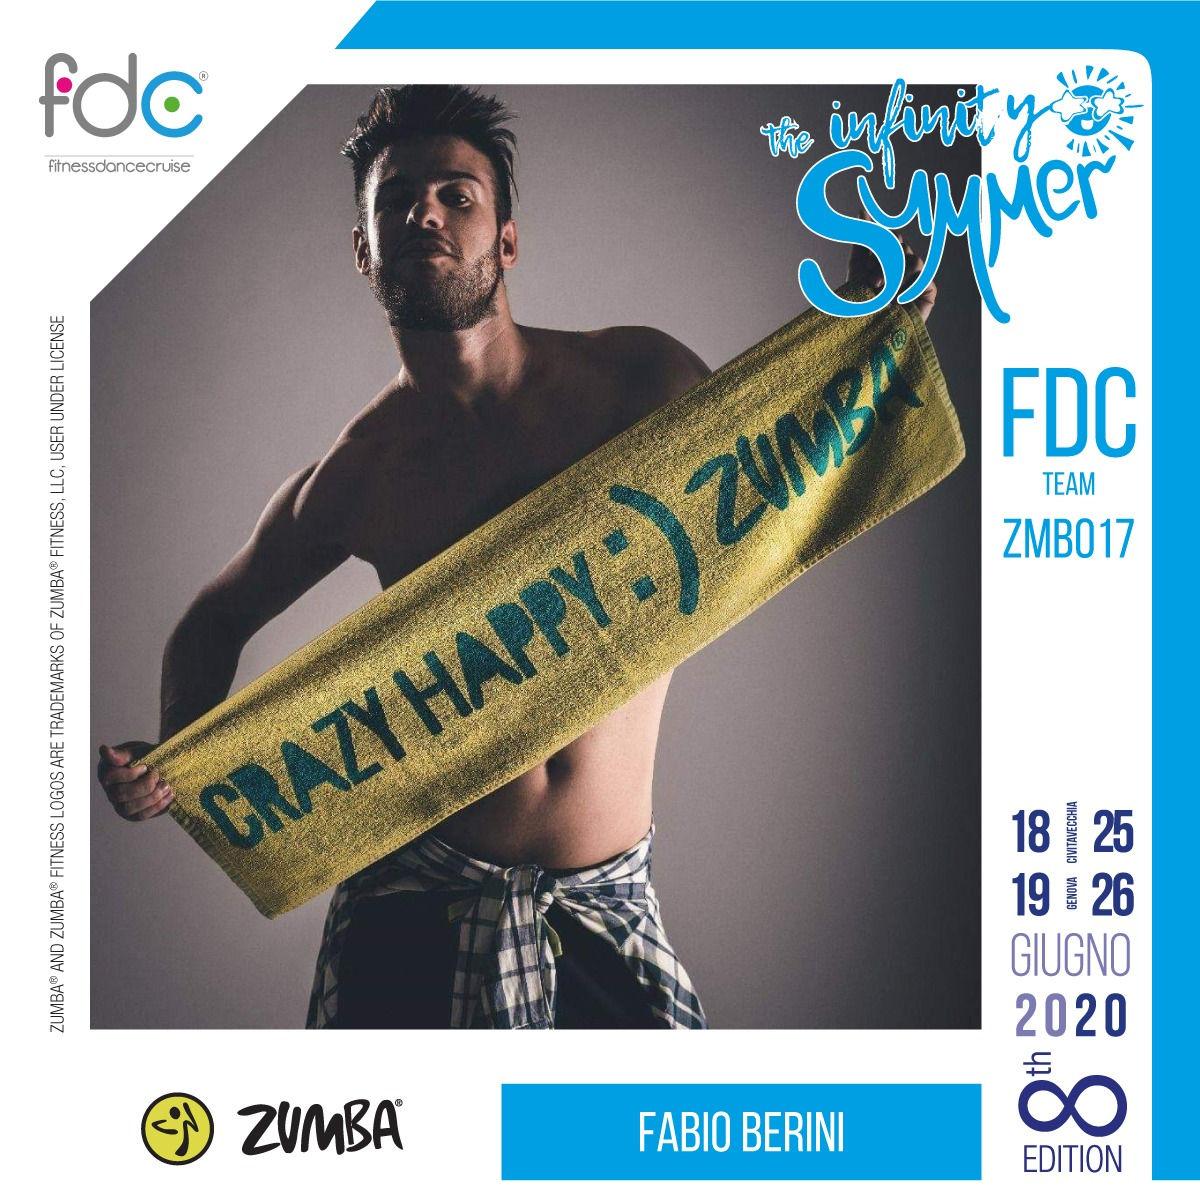 FDC Team Fabio Berini